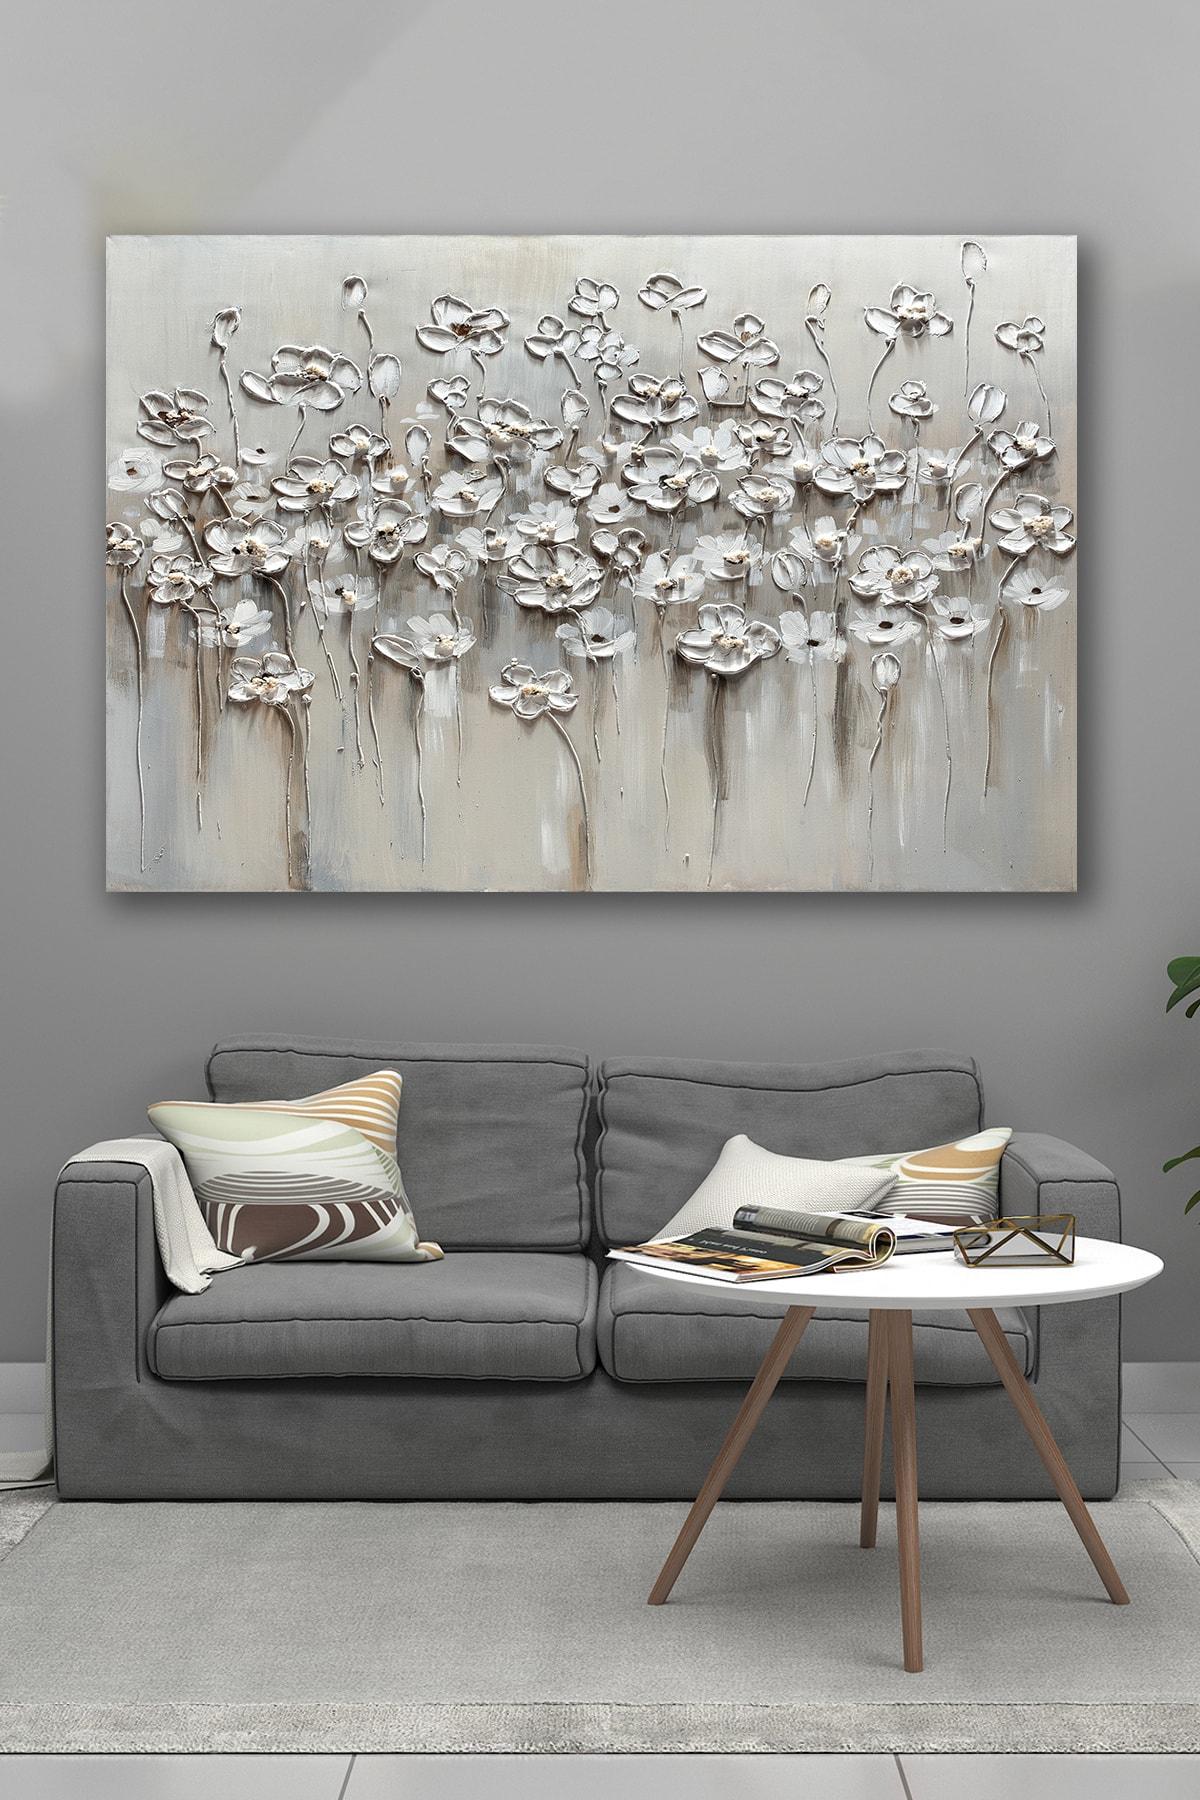 Hediyeler Kapında 100x140 Soğuk Çiçekler Kanvas Tablo 1